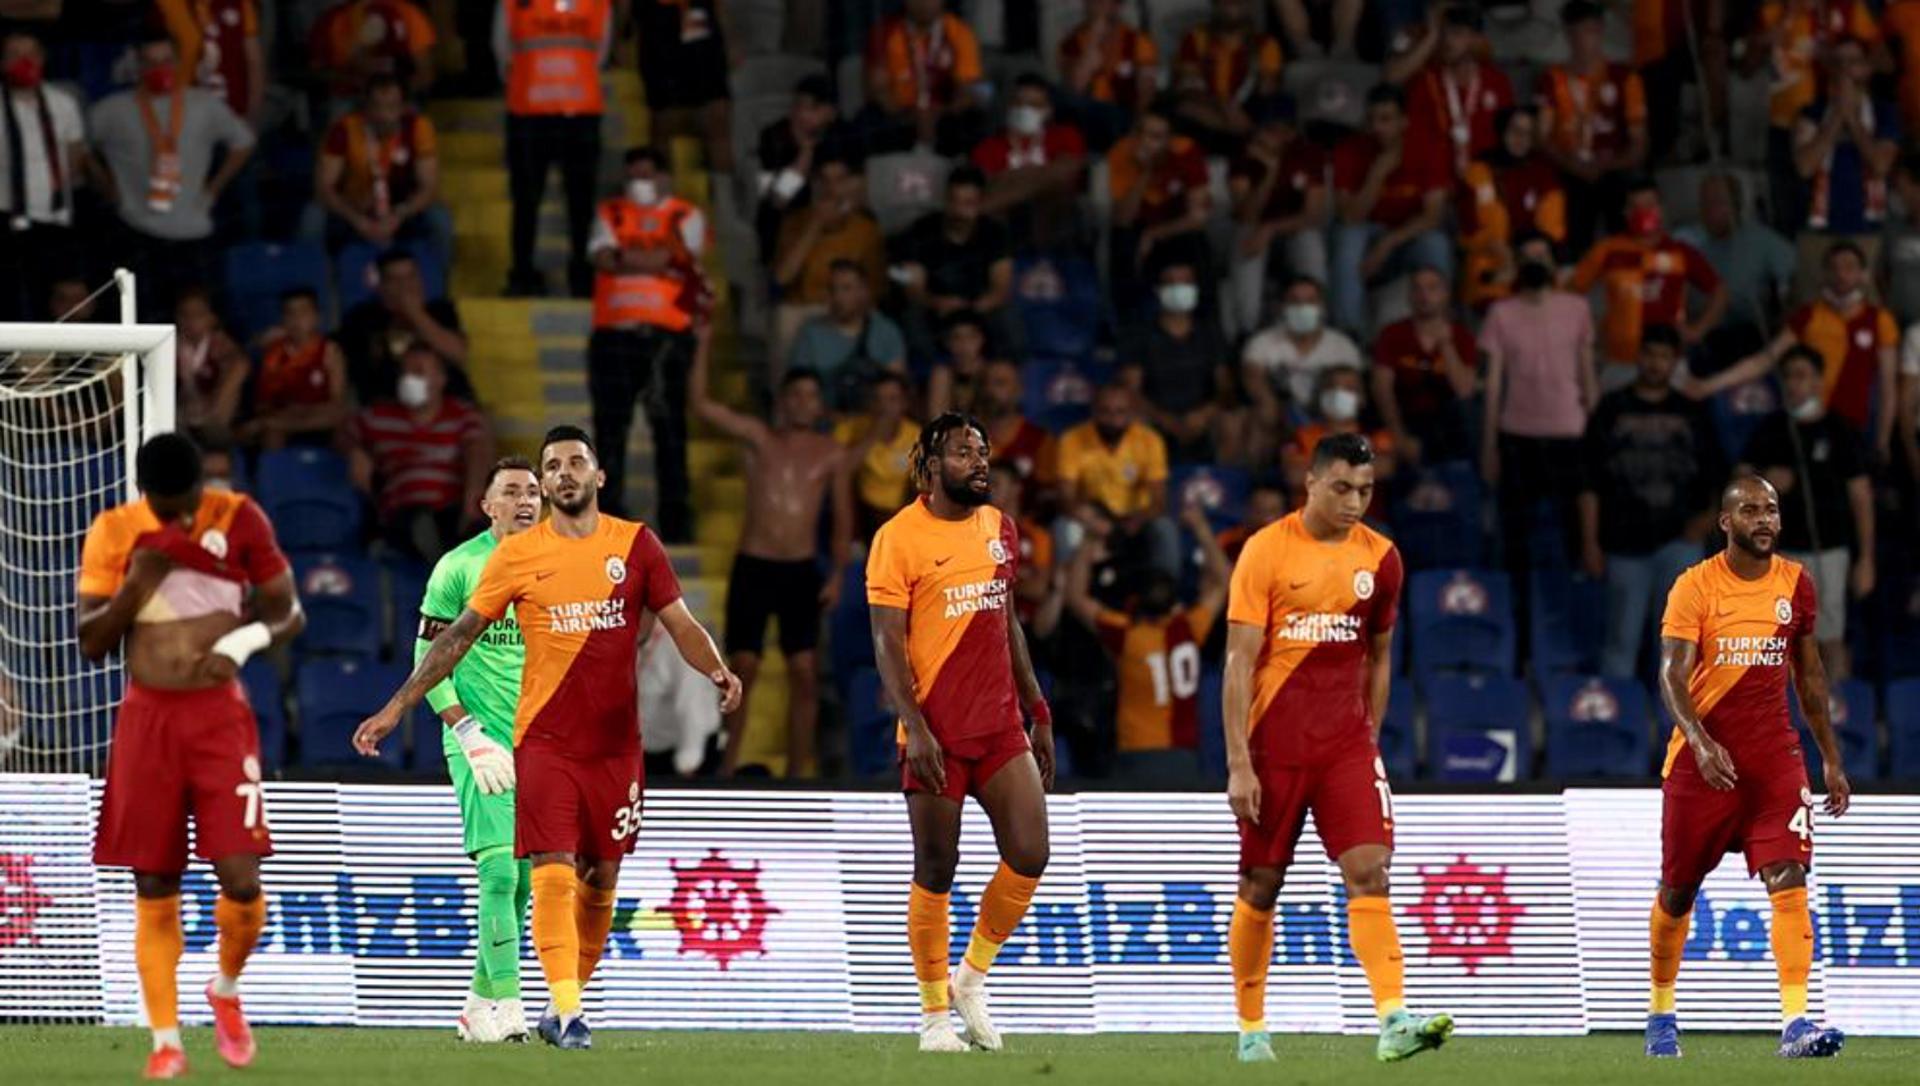 Galatasaray - Sputnik Türkiye, 1920, 28.07.2021